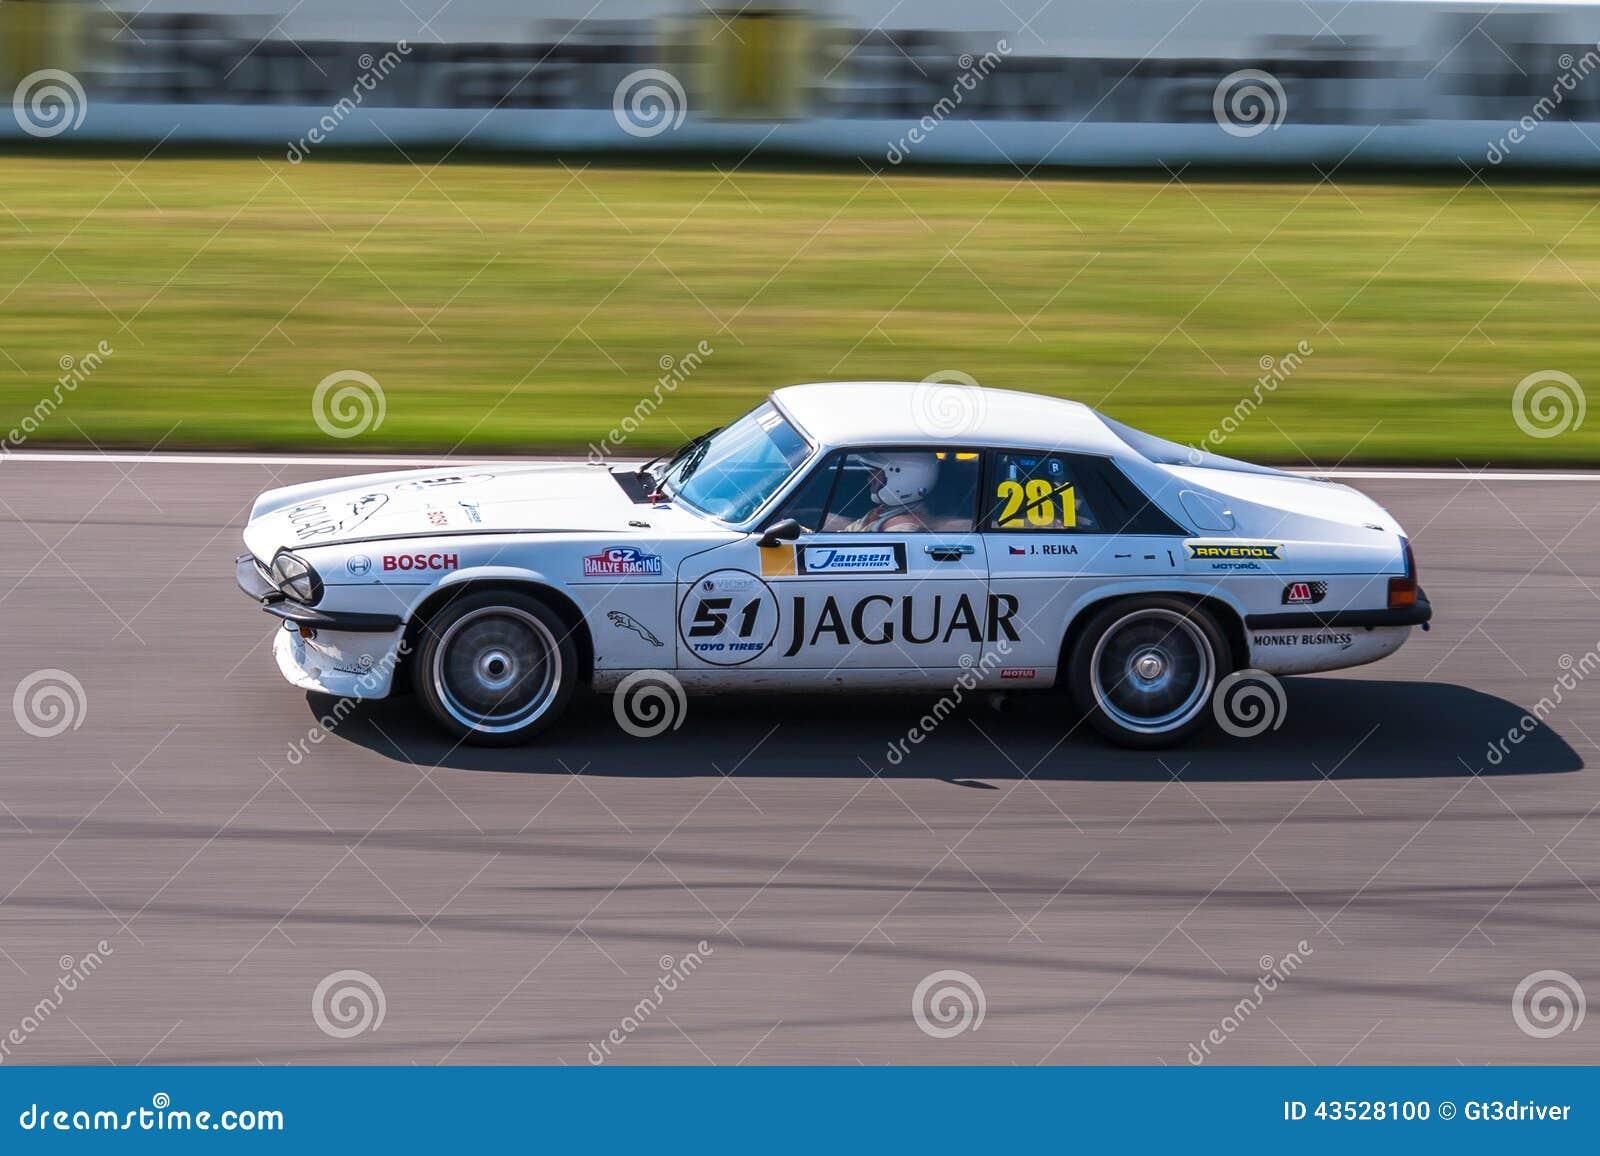 Jaguar XJS racing car editorial image. Image of circuit - 43528100